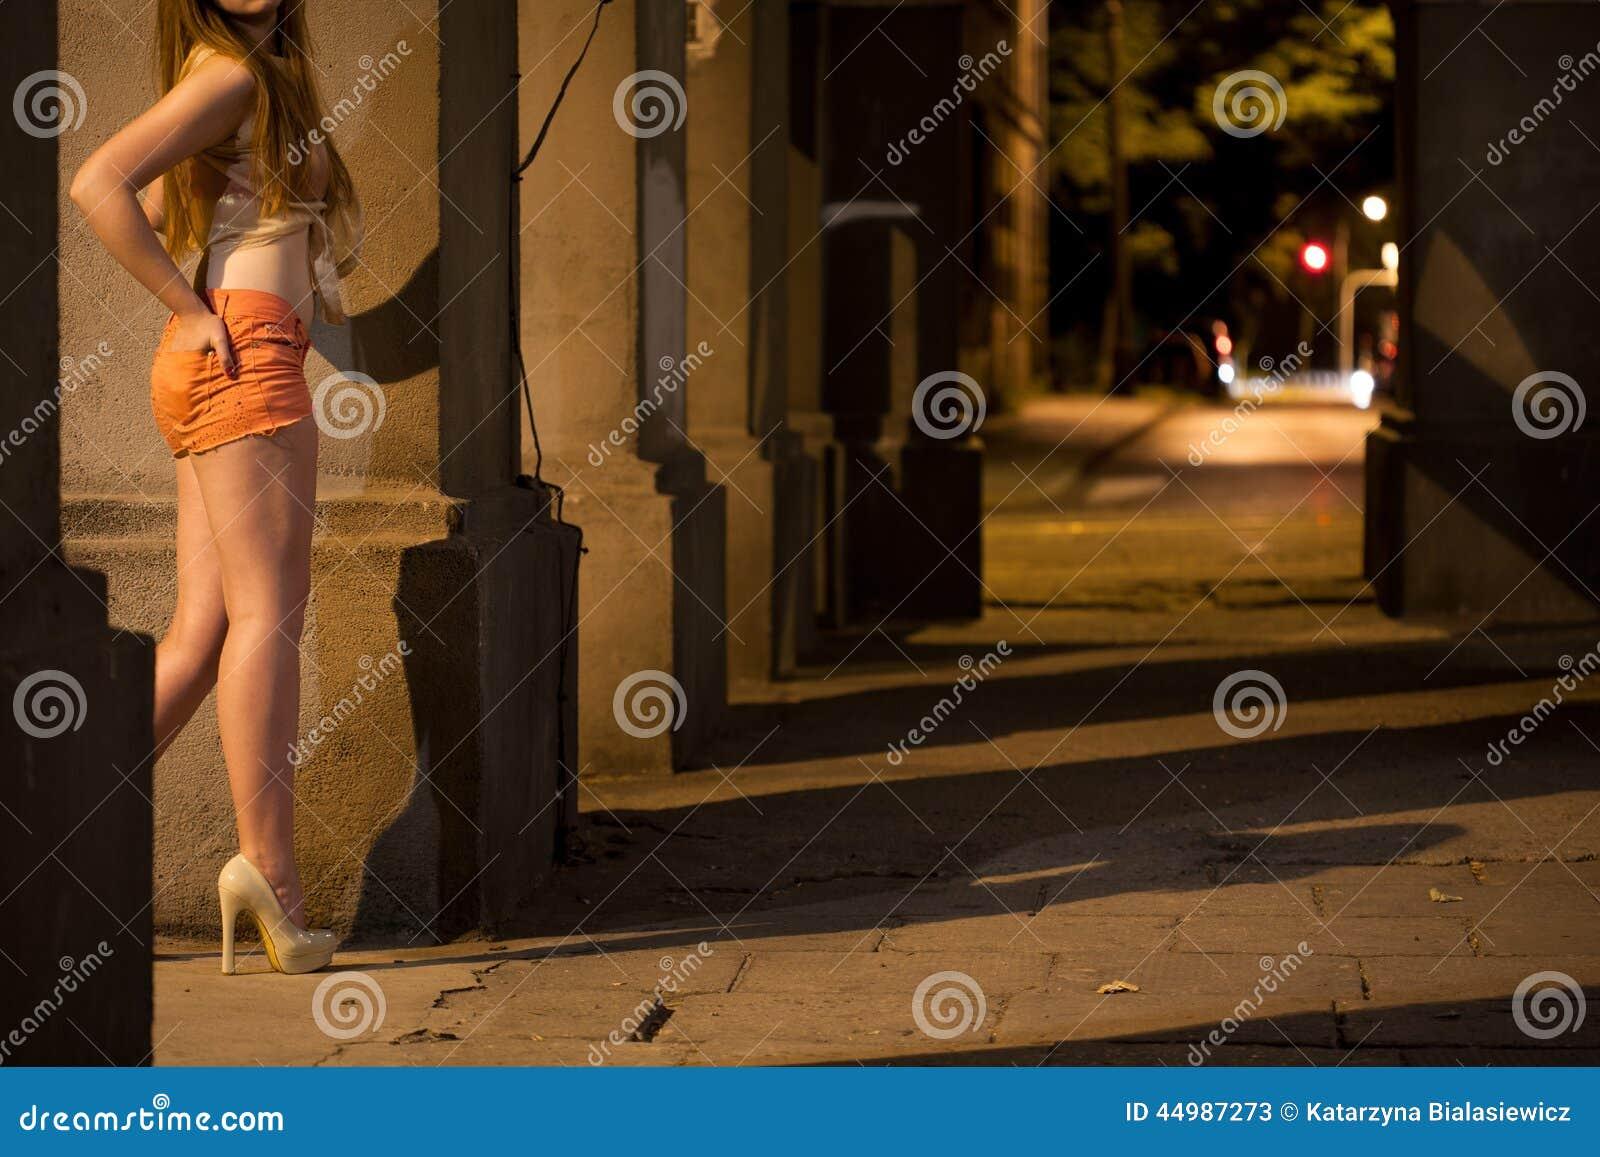 prostitutas en la calle que es prosti